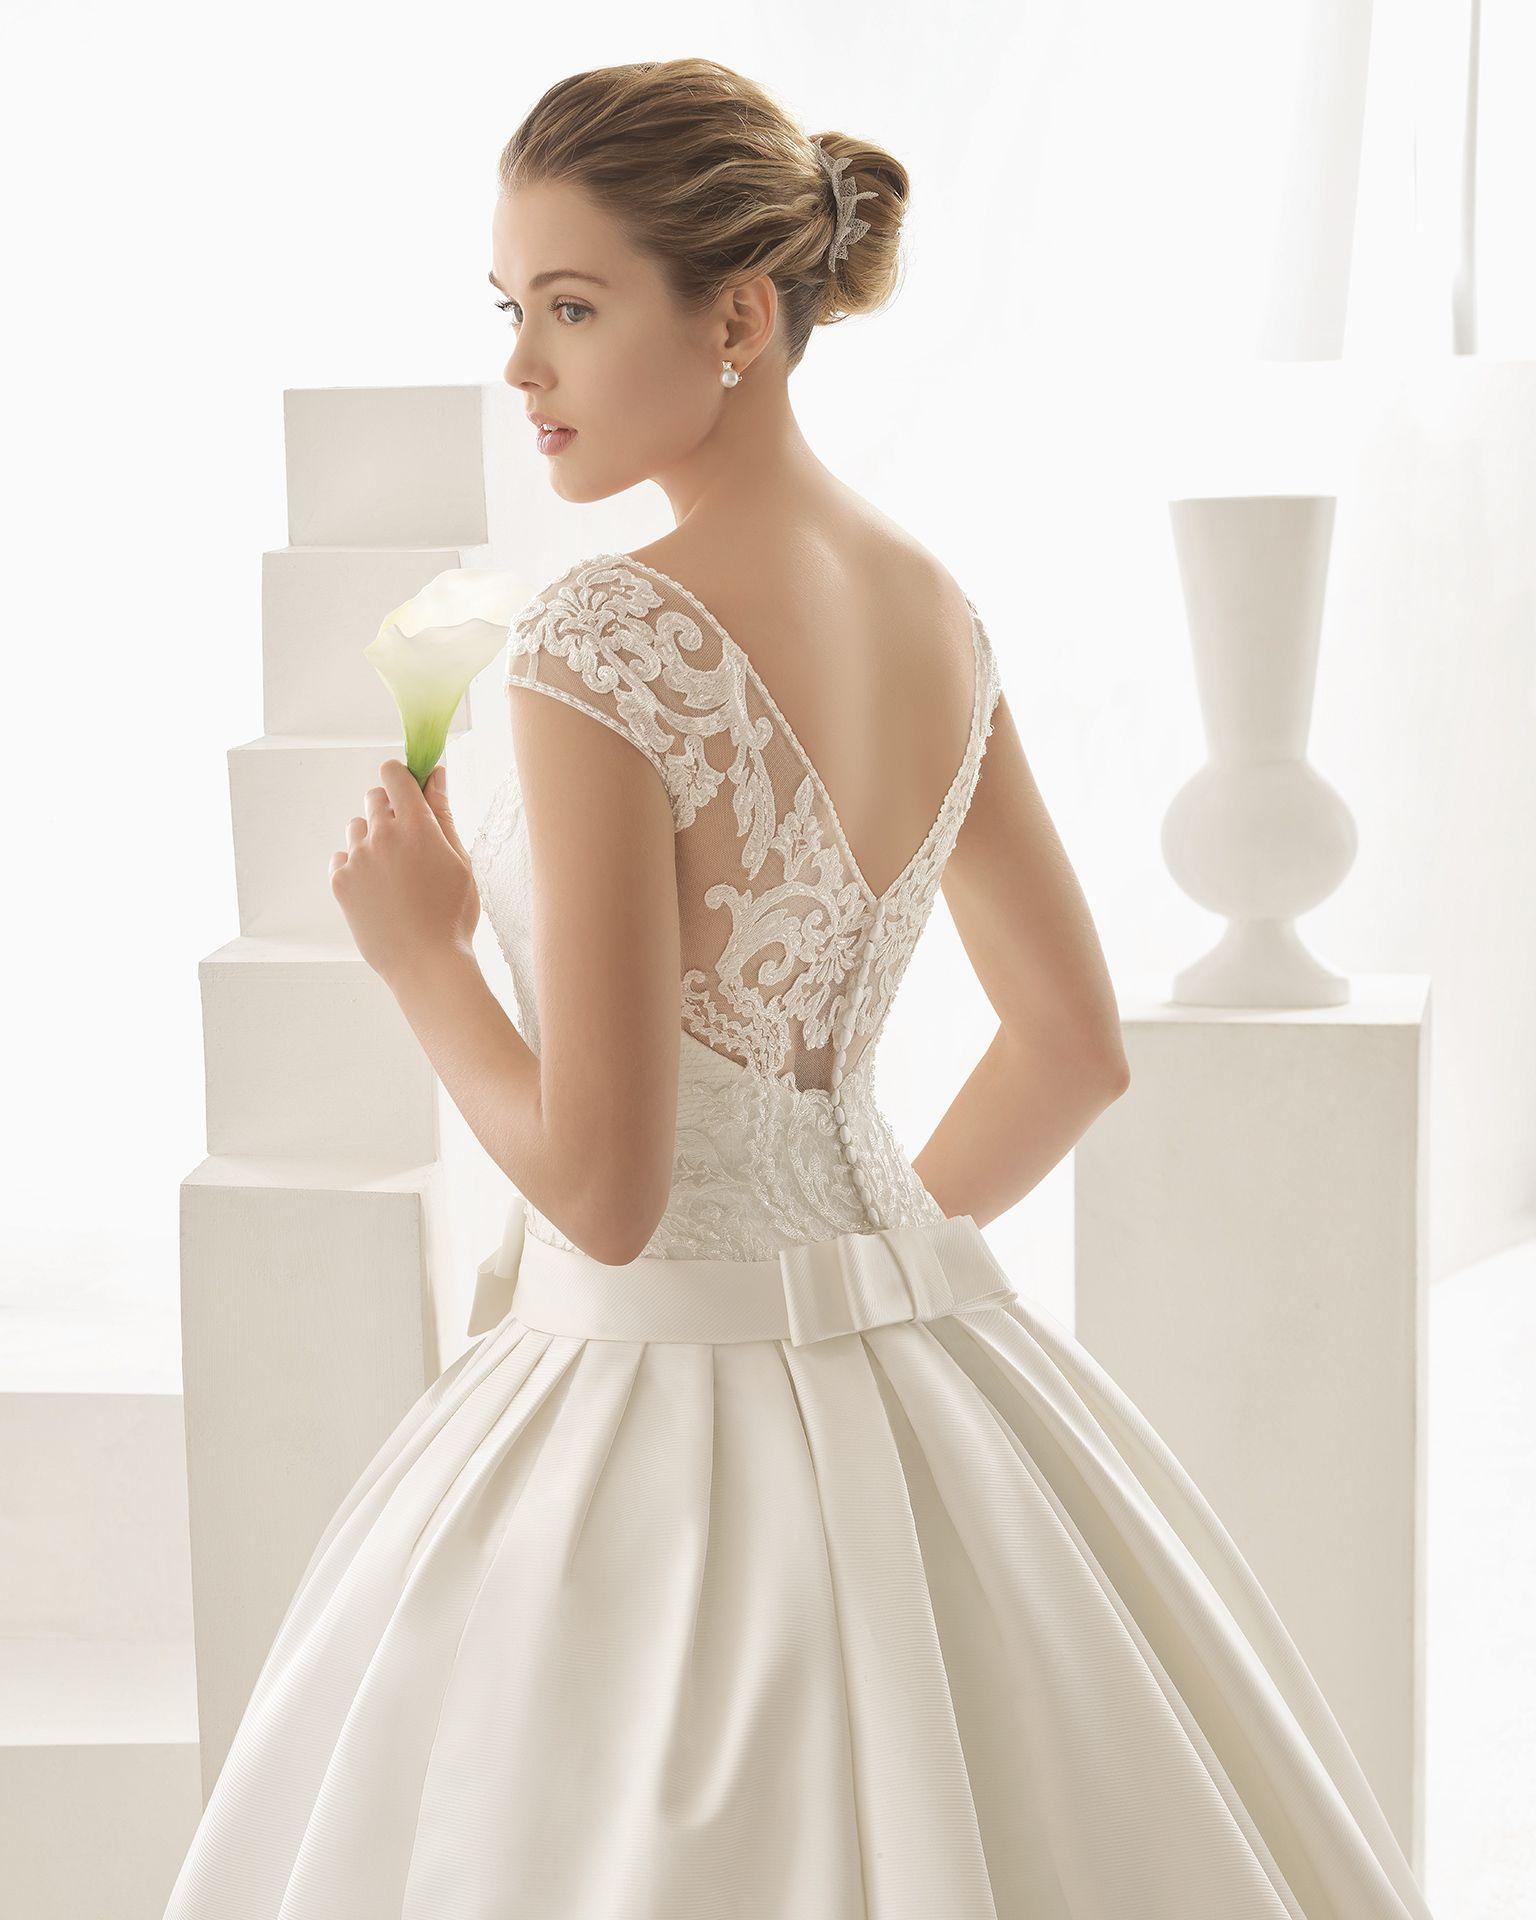 ORESTE traje de novia de encaje y pedrería y falda de raso duquesa.